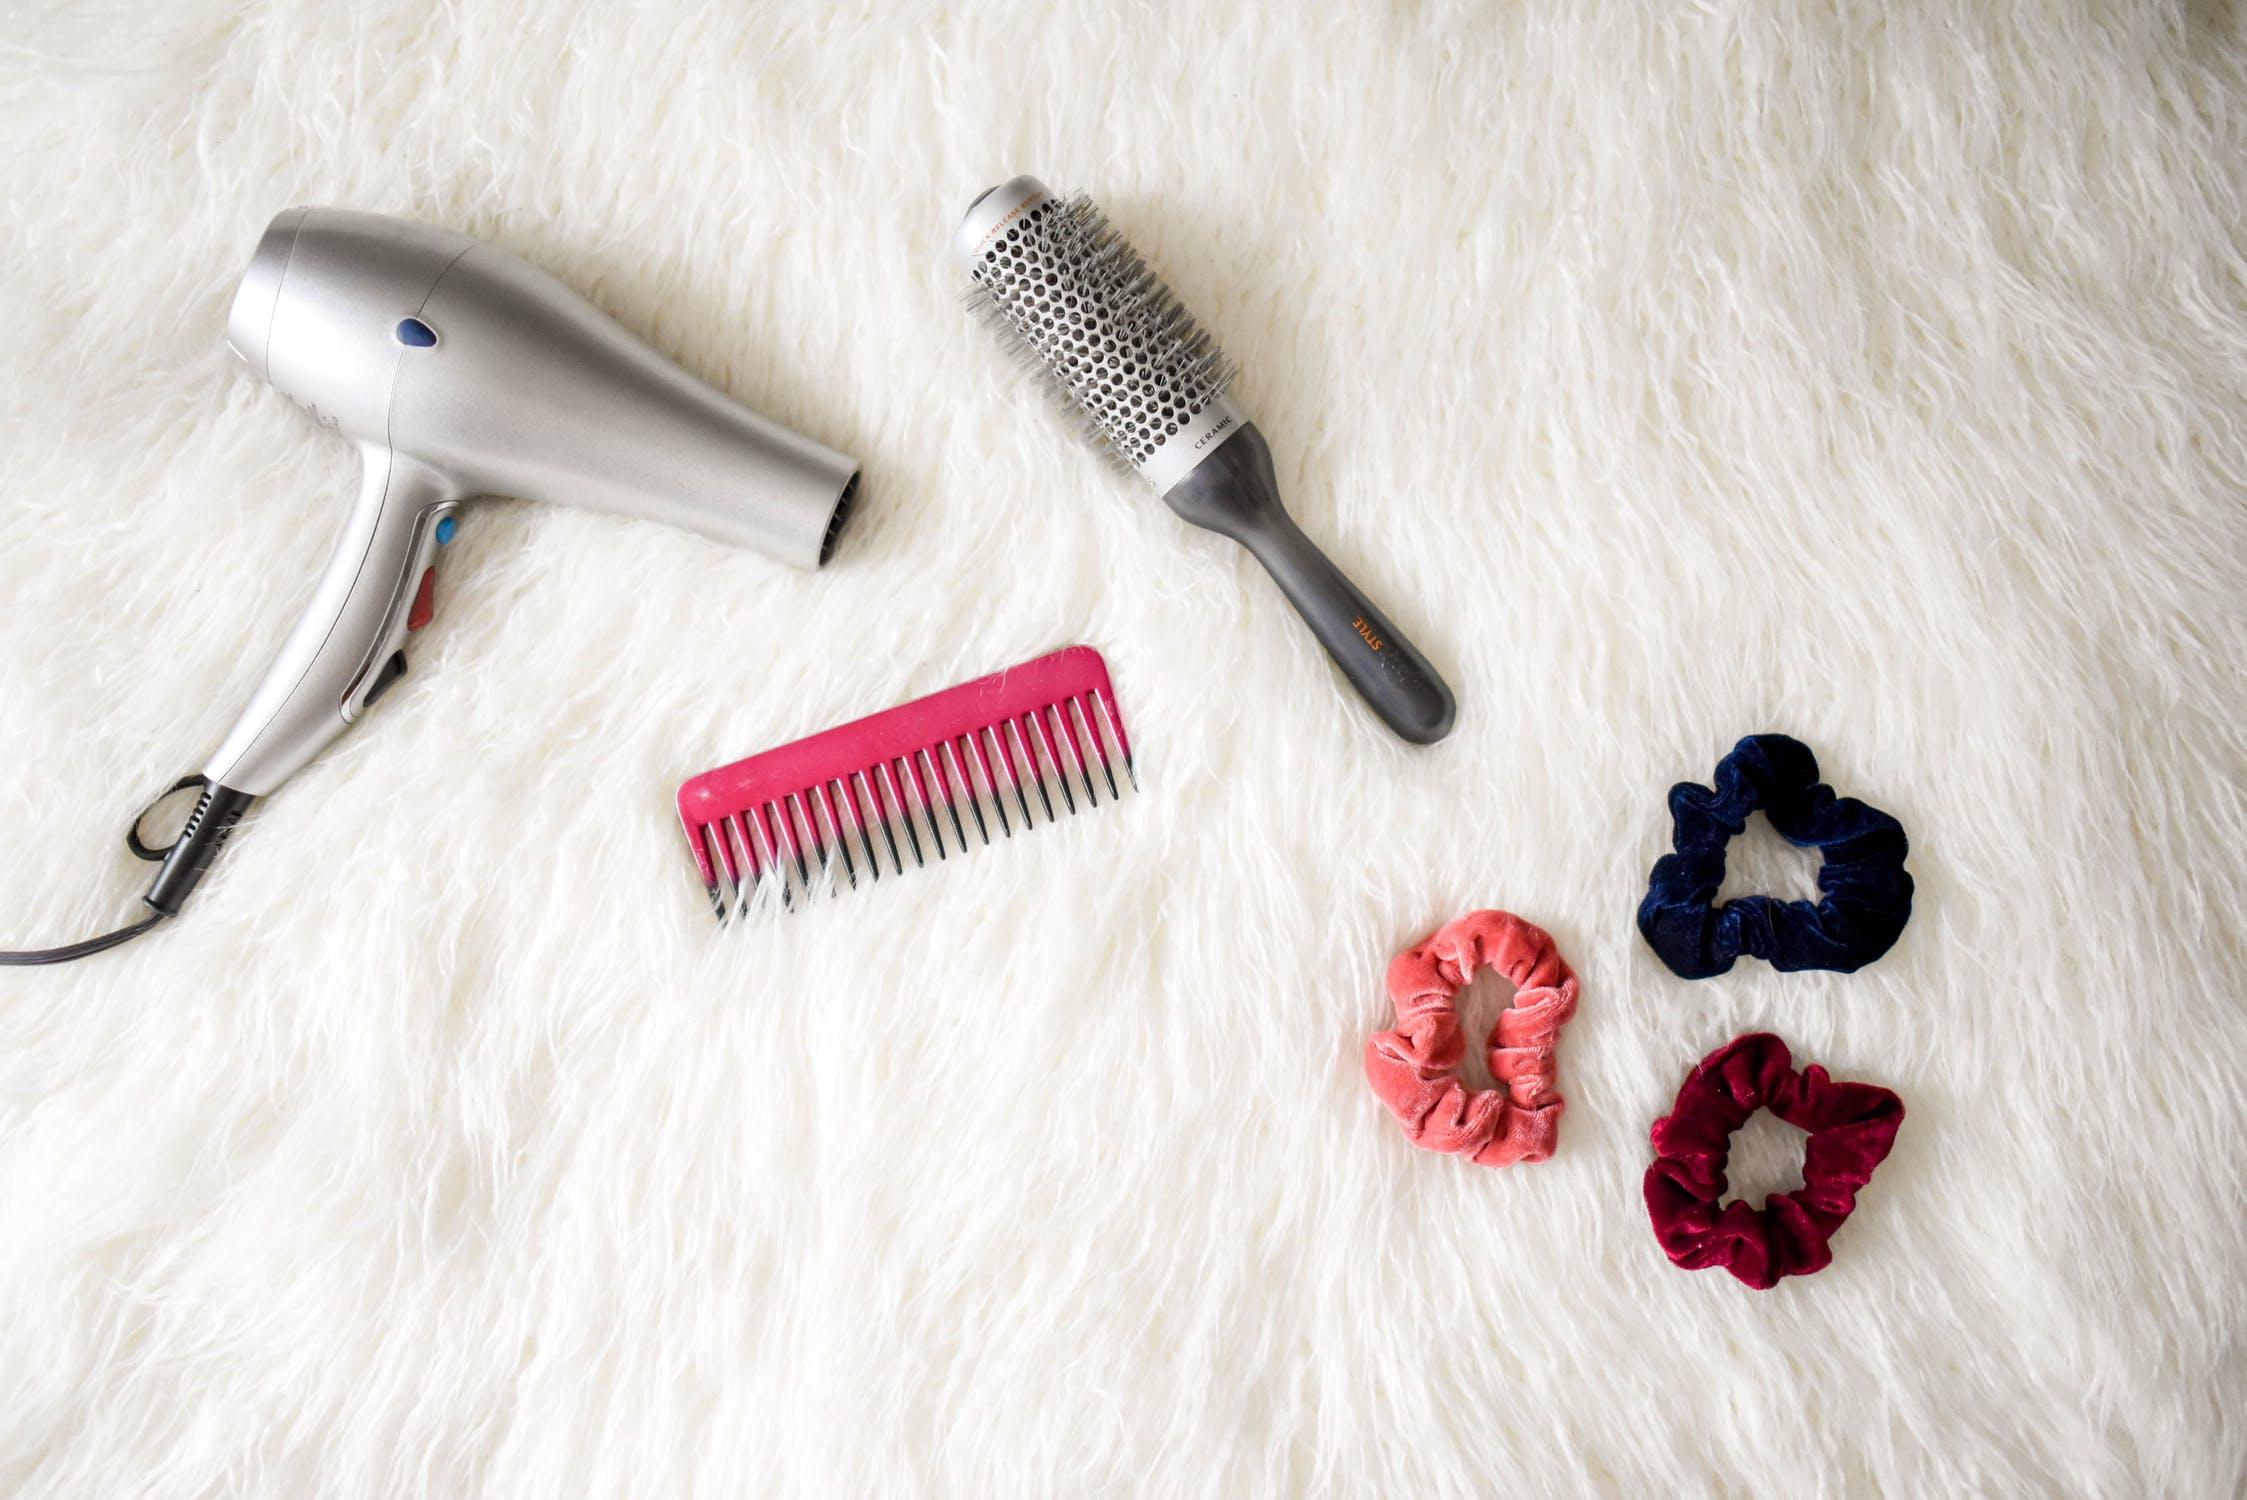 máy sấy tóc và lược trên giường